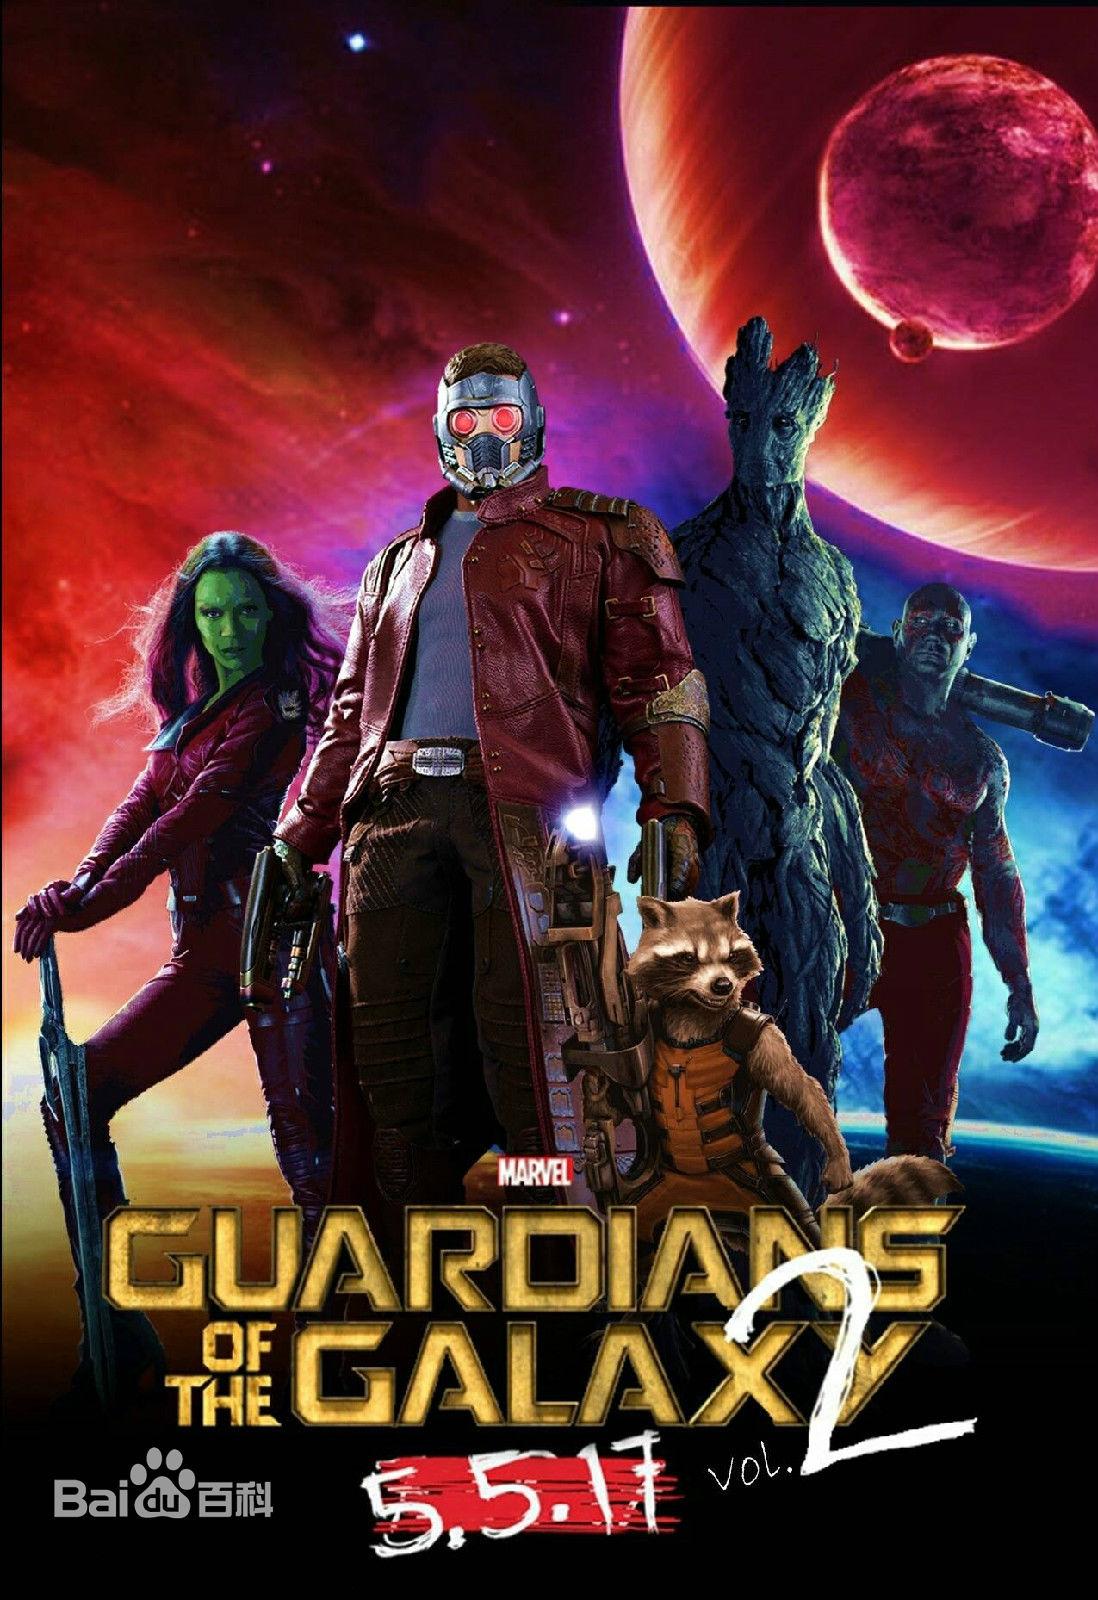 银河护卫队2播出时间剧情介绍 银河护卫队2首曝海报先导预告片